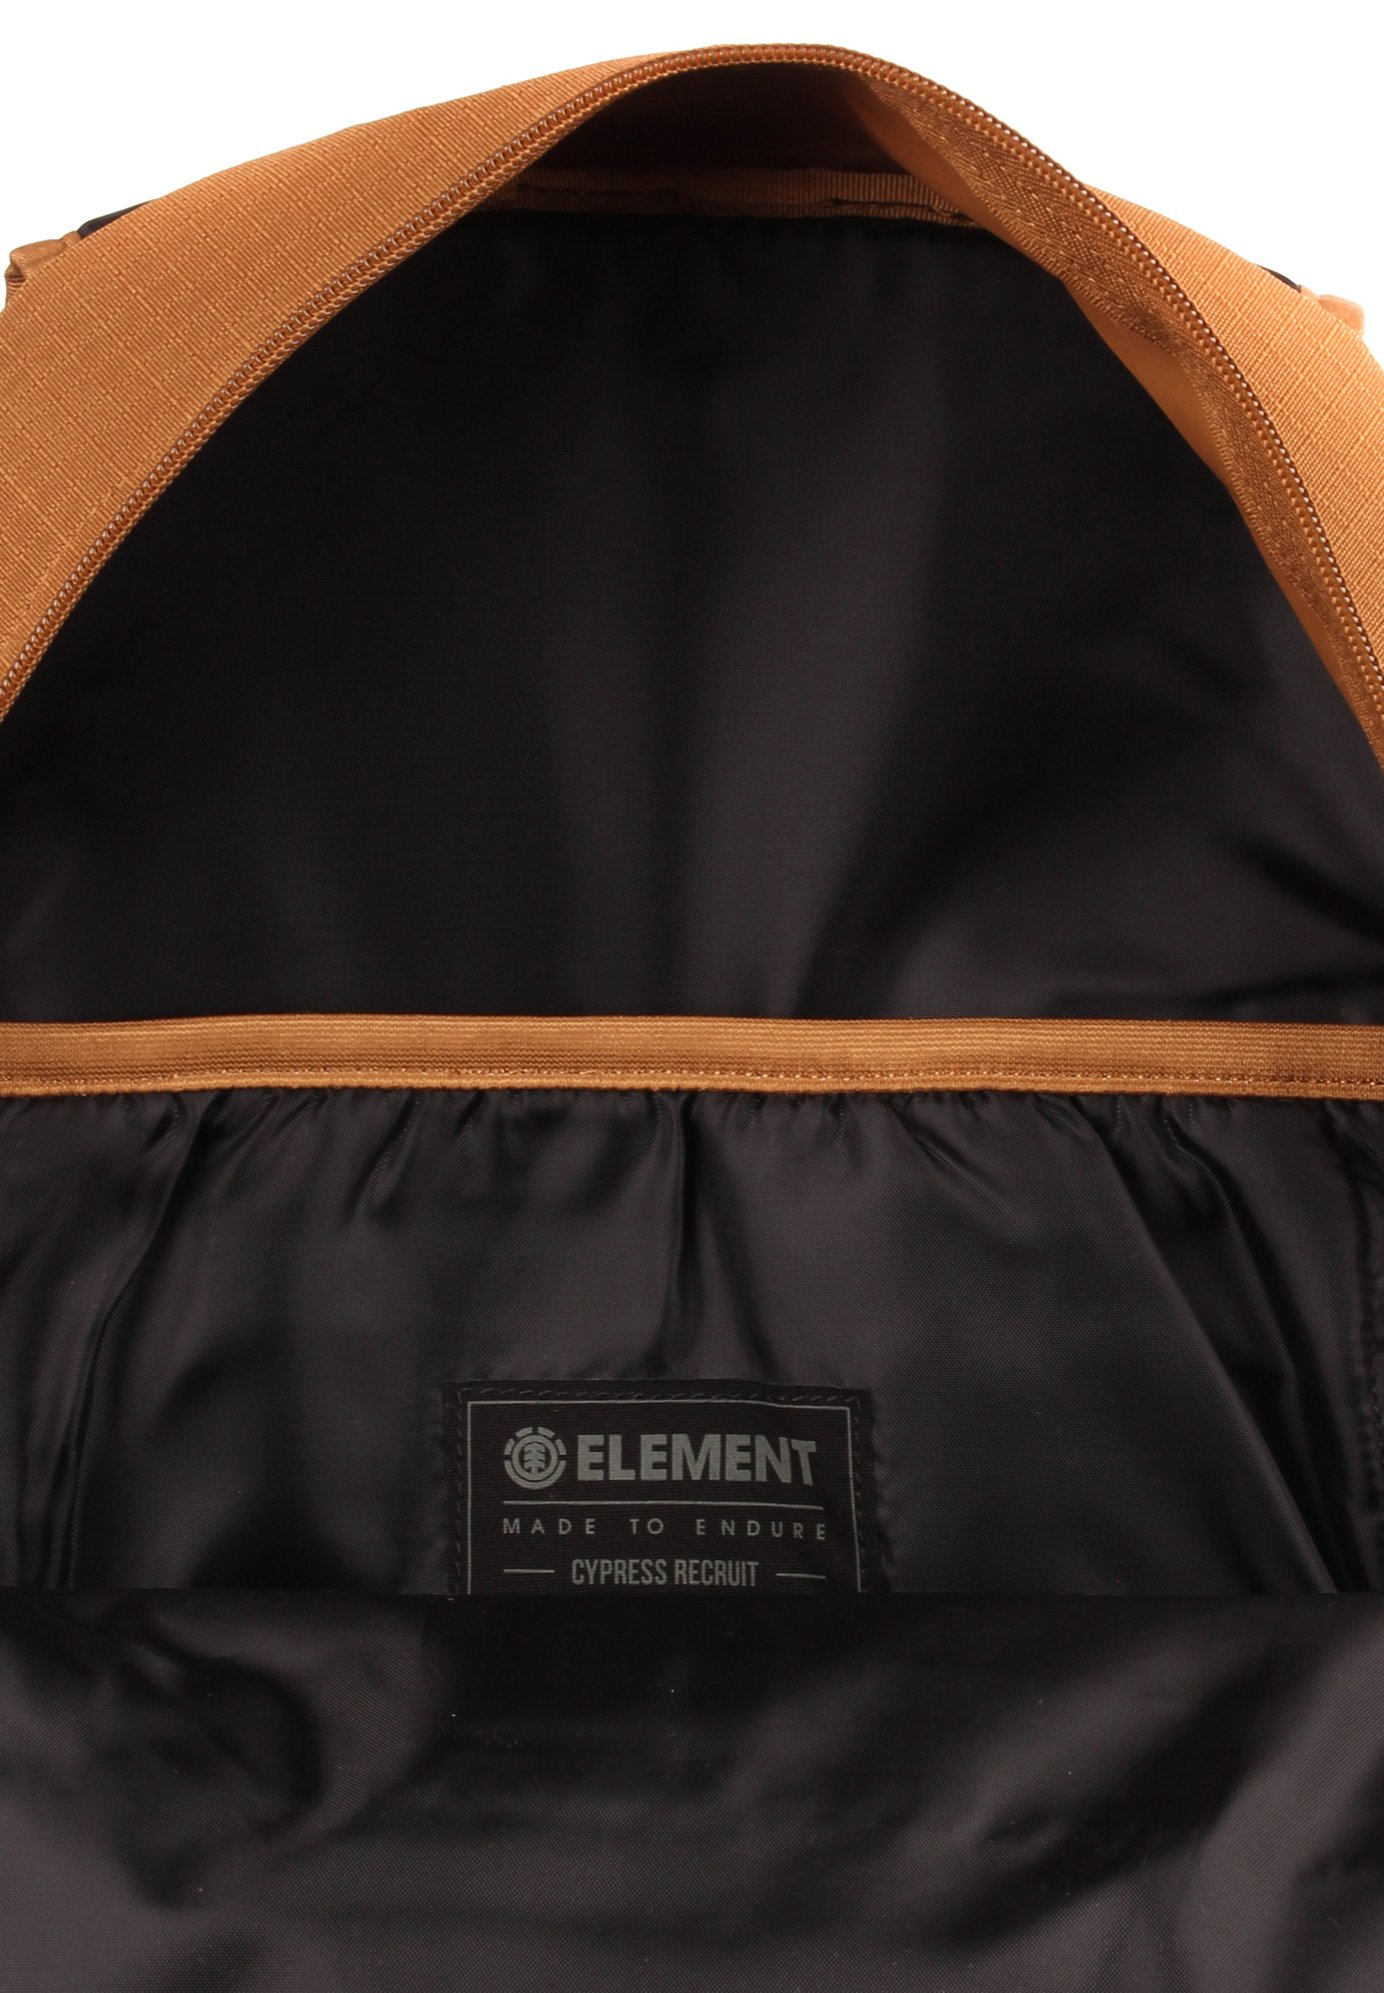 Element CYPRESS RECRUIT - Tagesrucksack - bronco brown/braun - Herrentaschen QP2XB